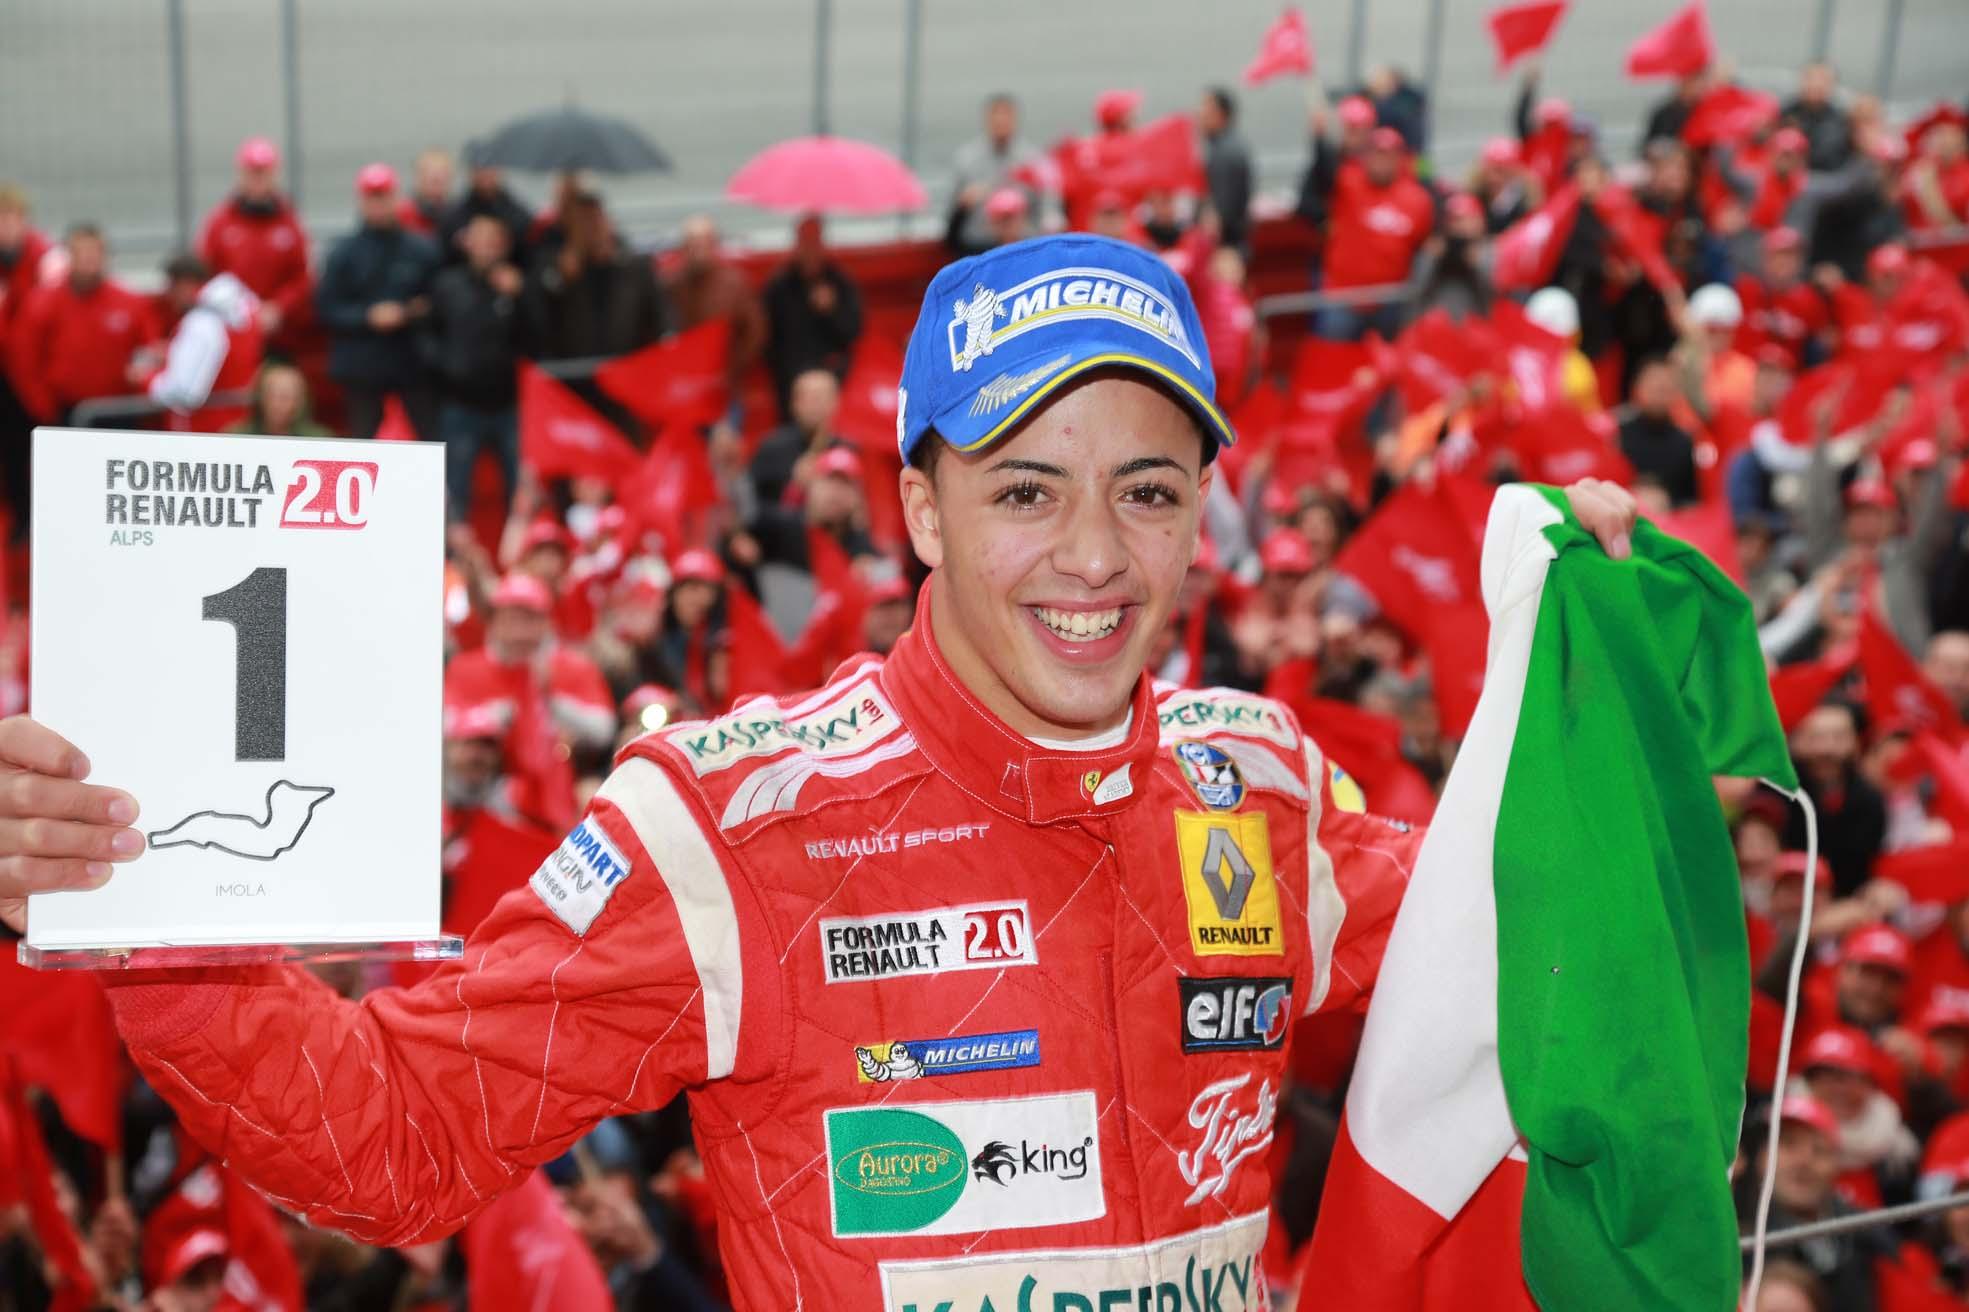 Vince Ghiotto, Fuoco Campione